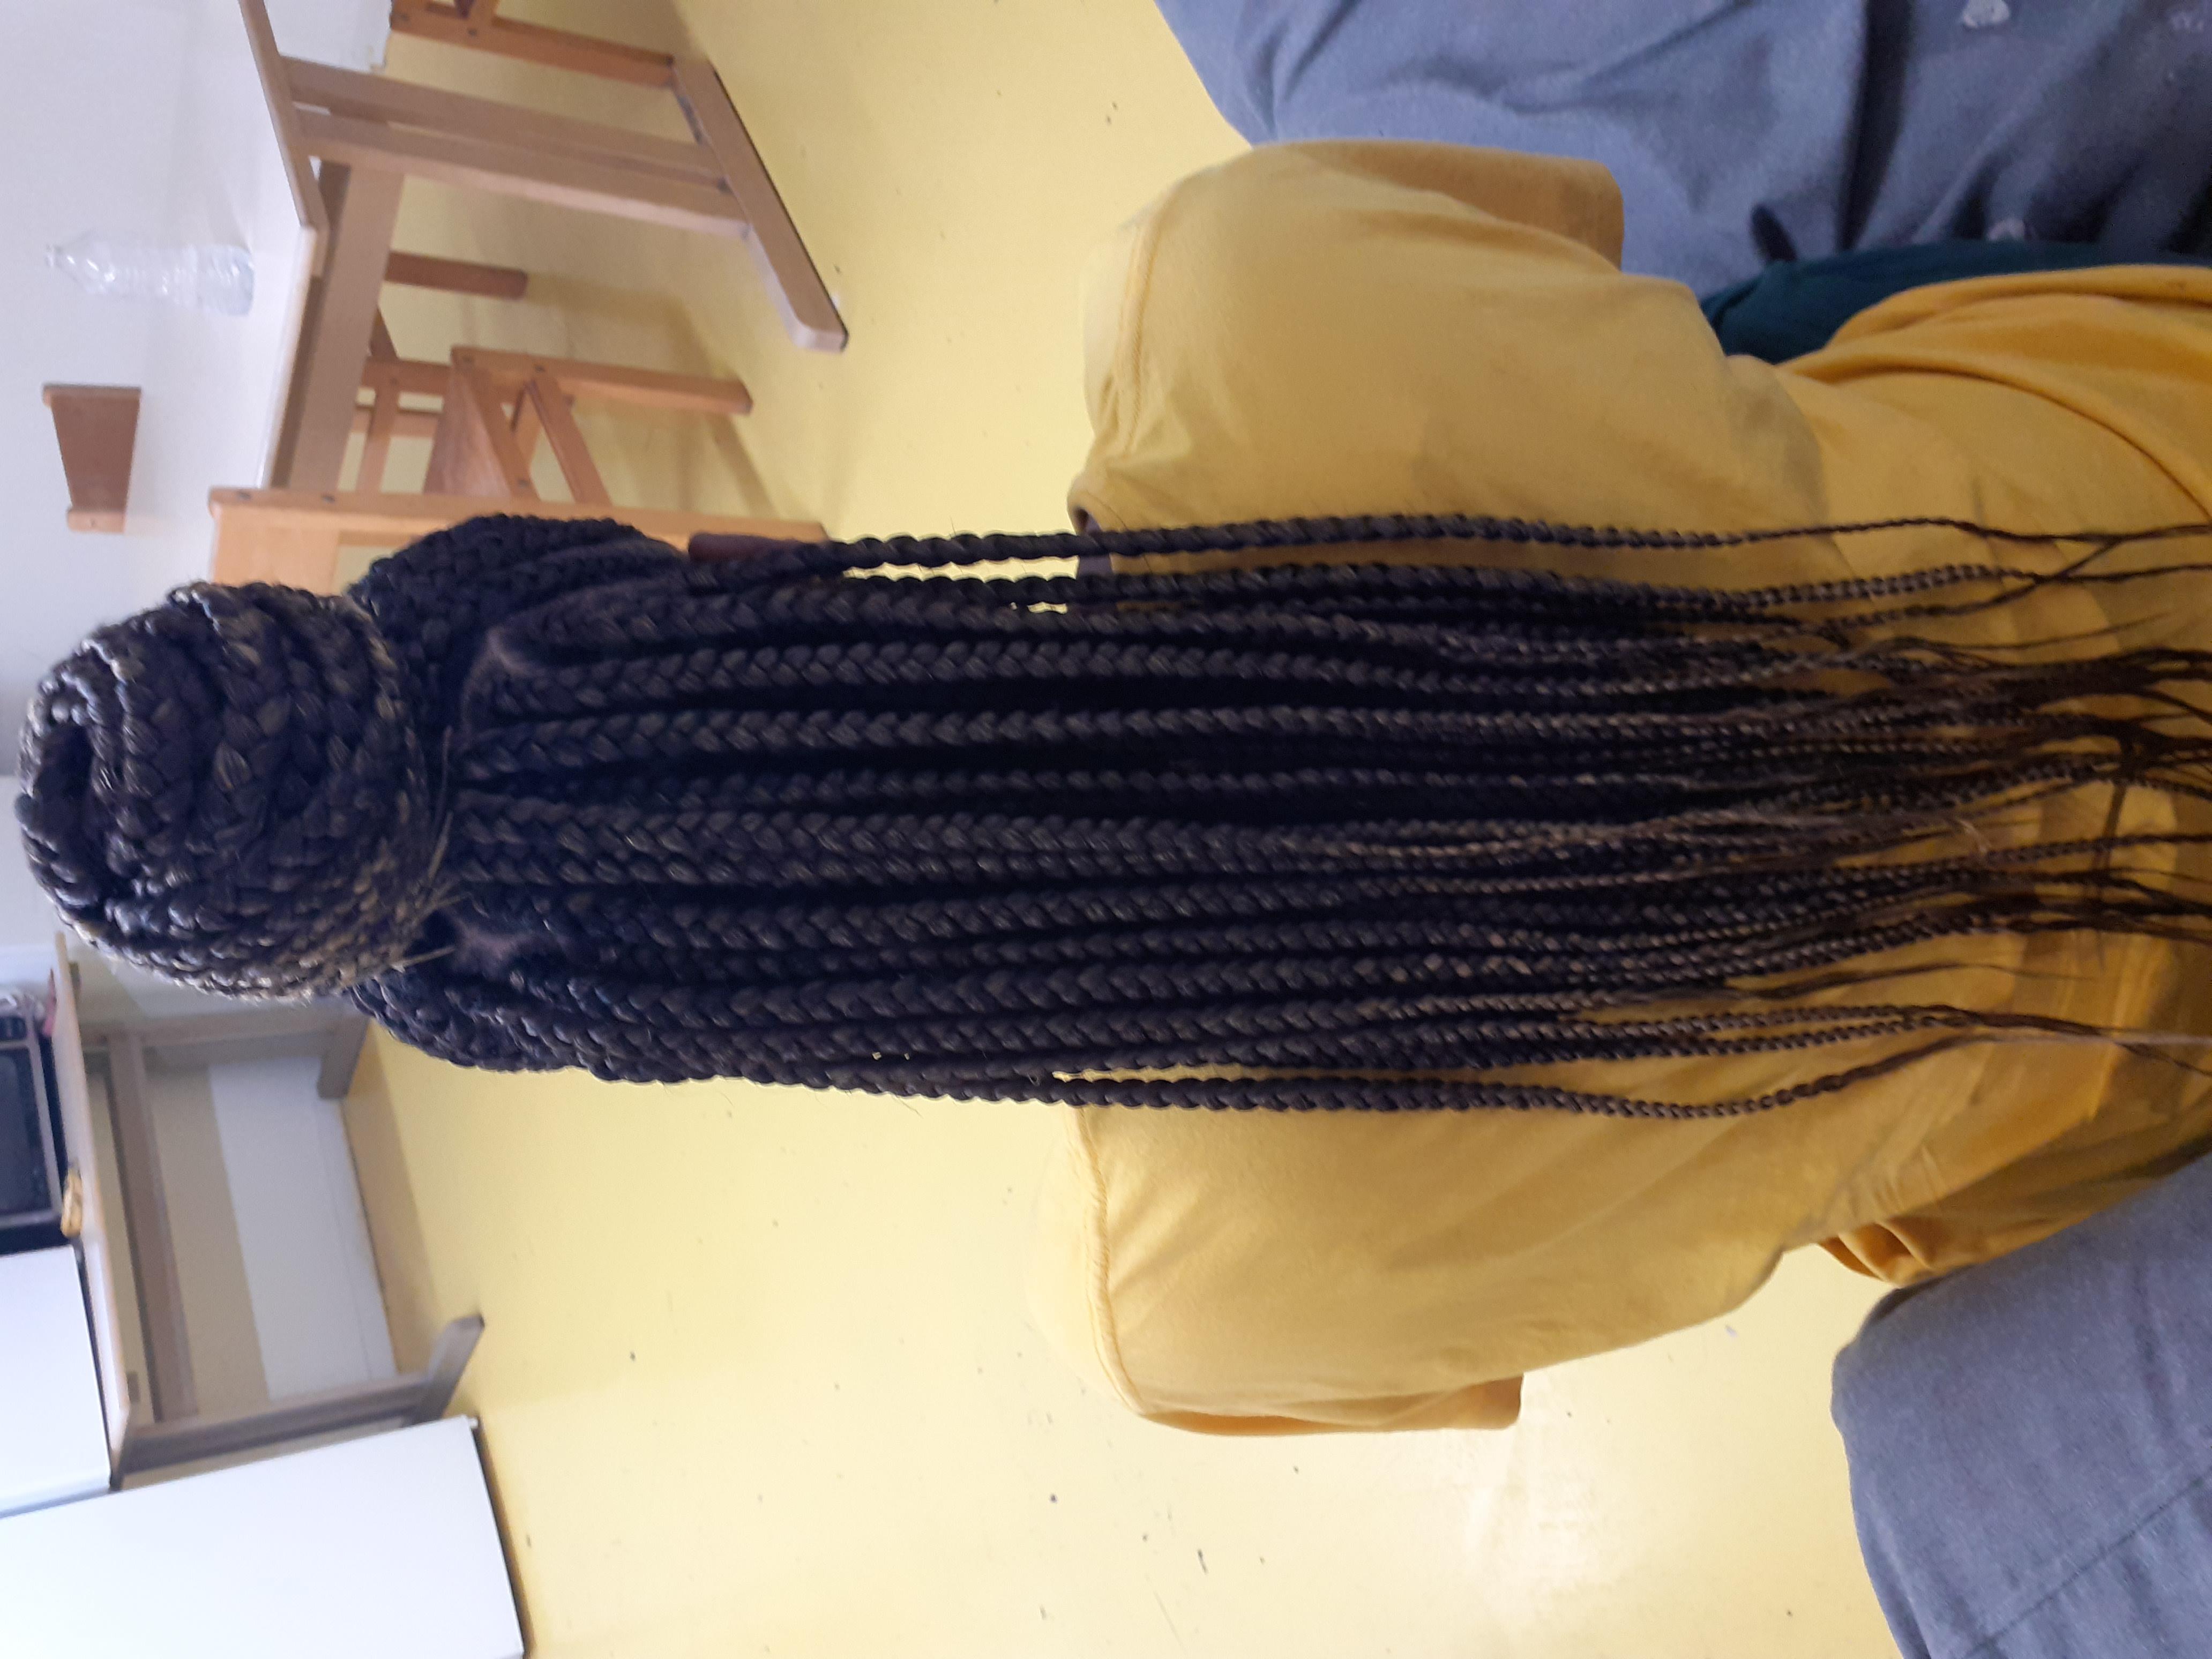 salon de coiffure afro tresse tresses box braids crochet braids vanilles tissages paris 75 77 78 91 92 93 94 95 THUHATFG